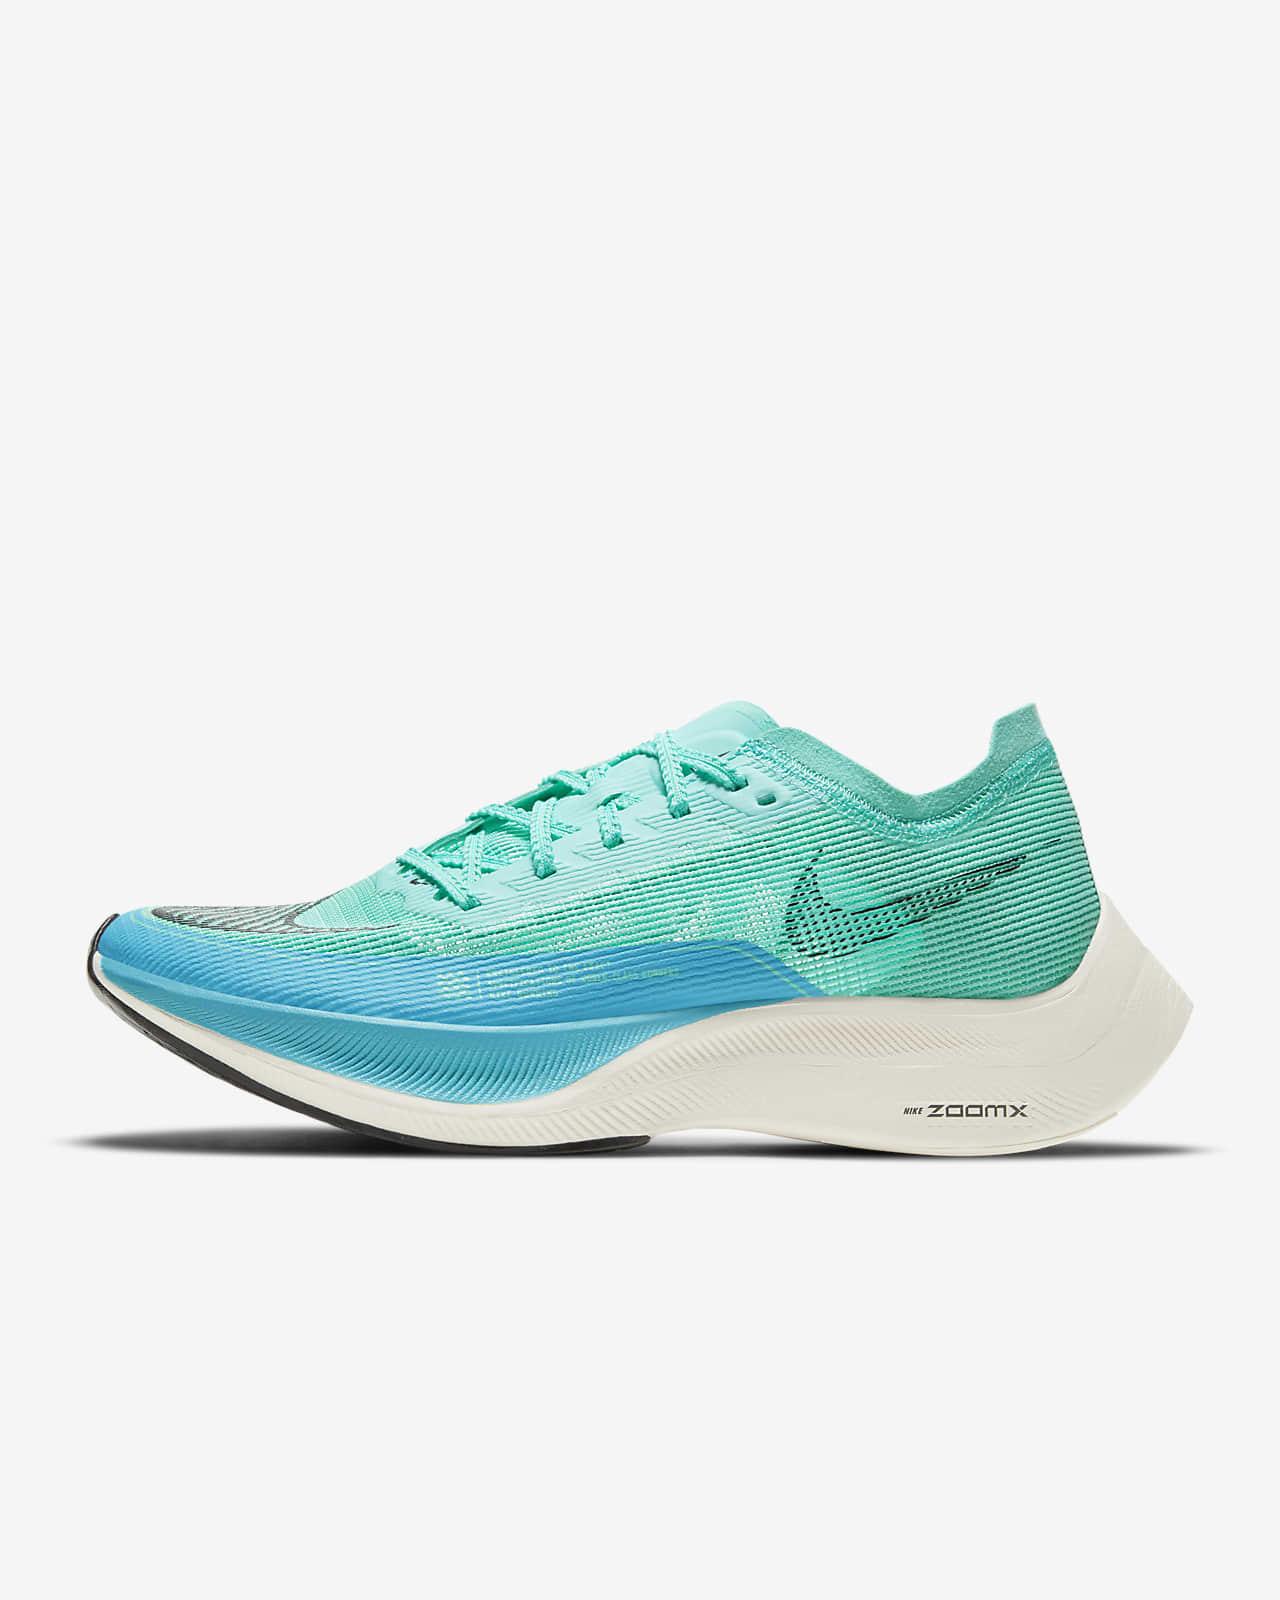 Γυναικείο παπούτσι αγώνων Nike ZoomX Vaporfly Next% 2